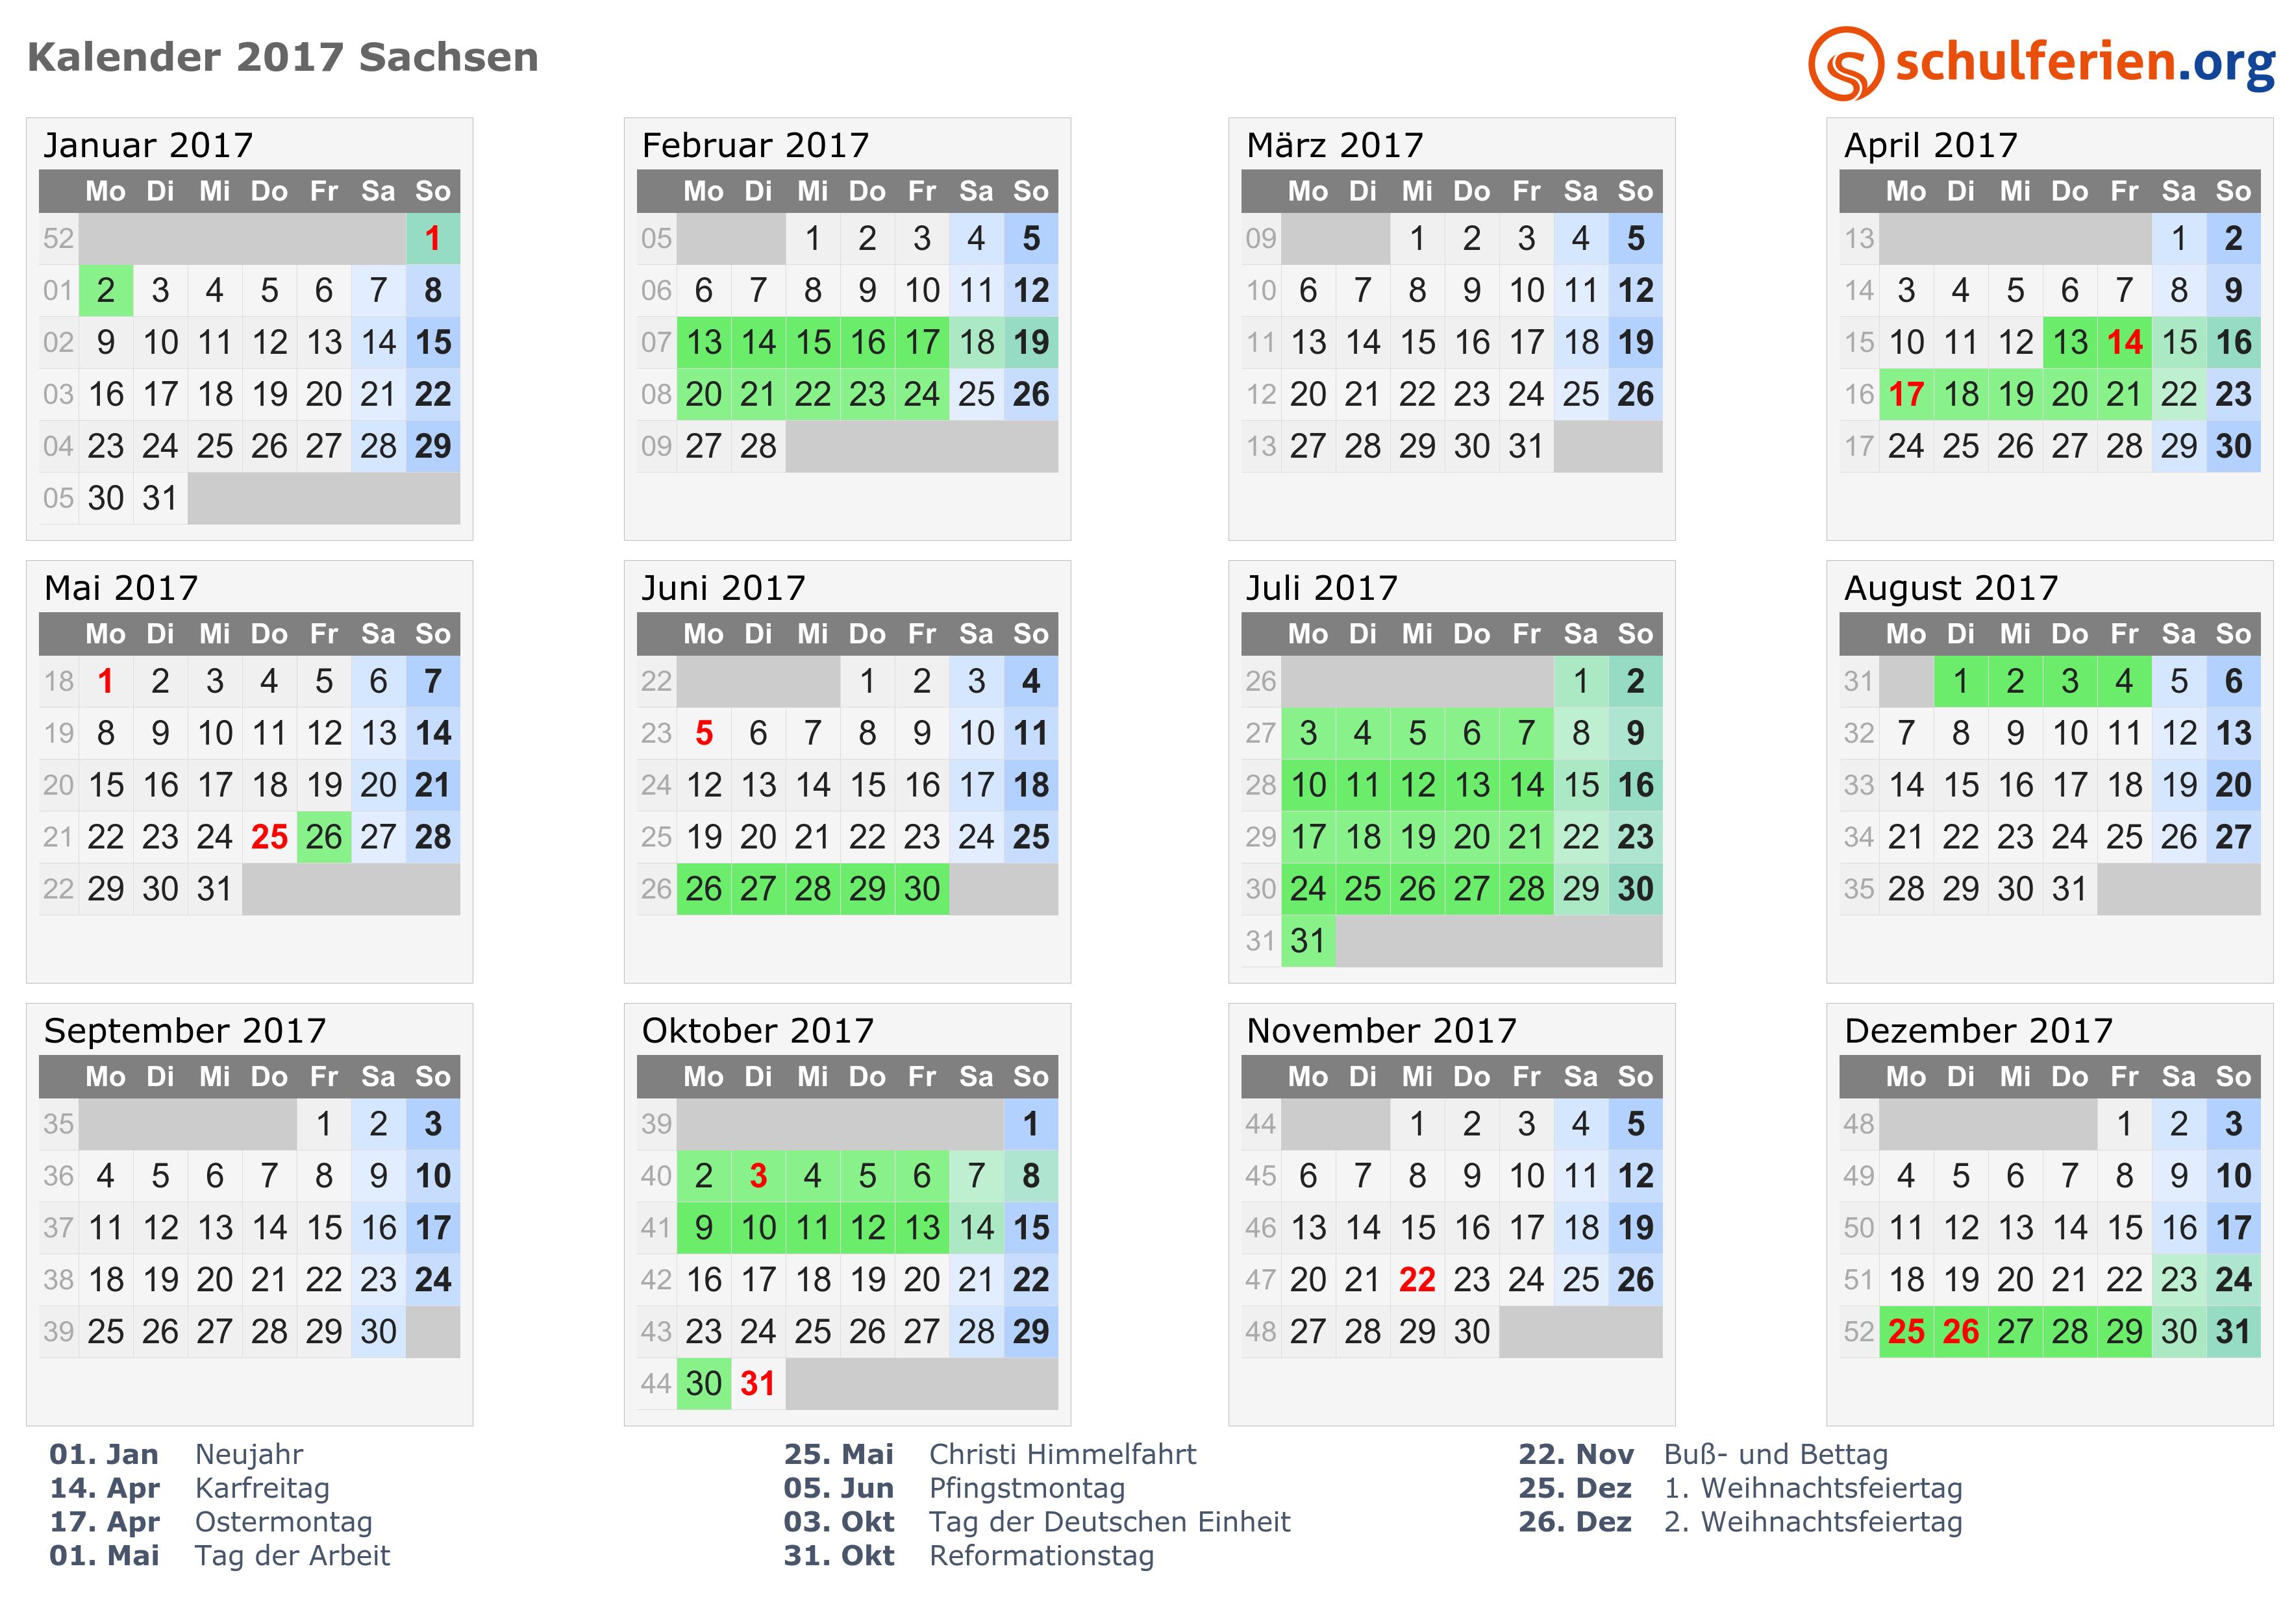 Kalender 2017 mit Ferien und